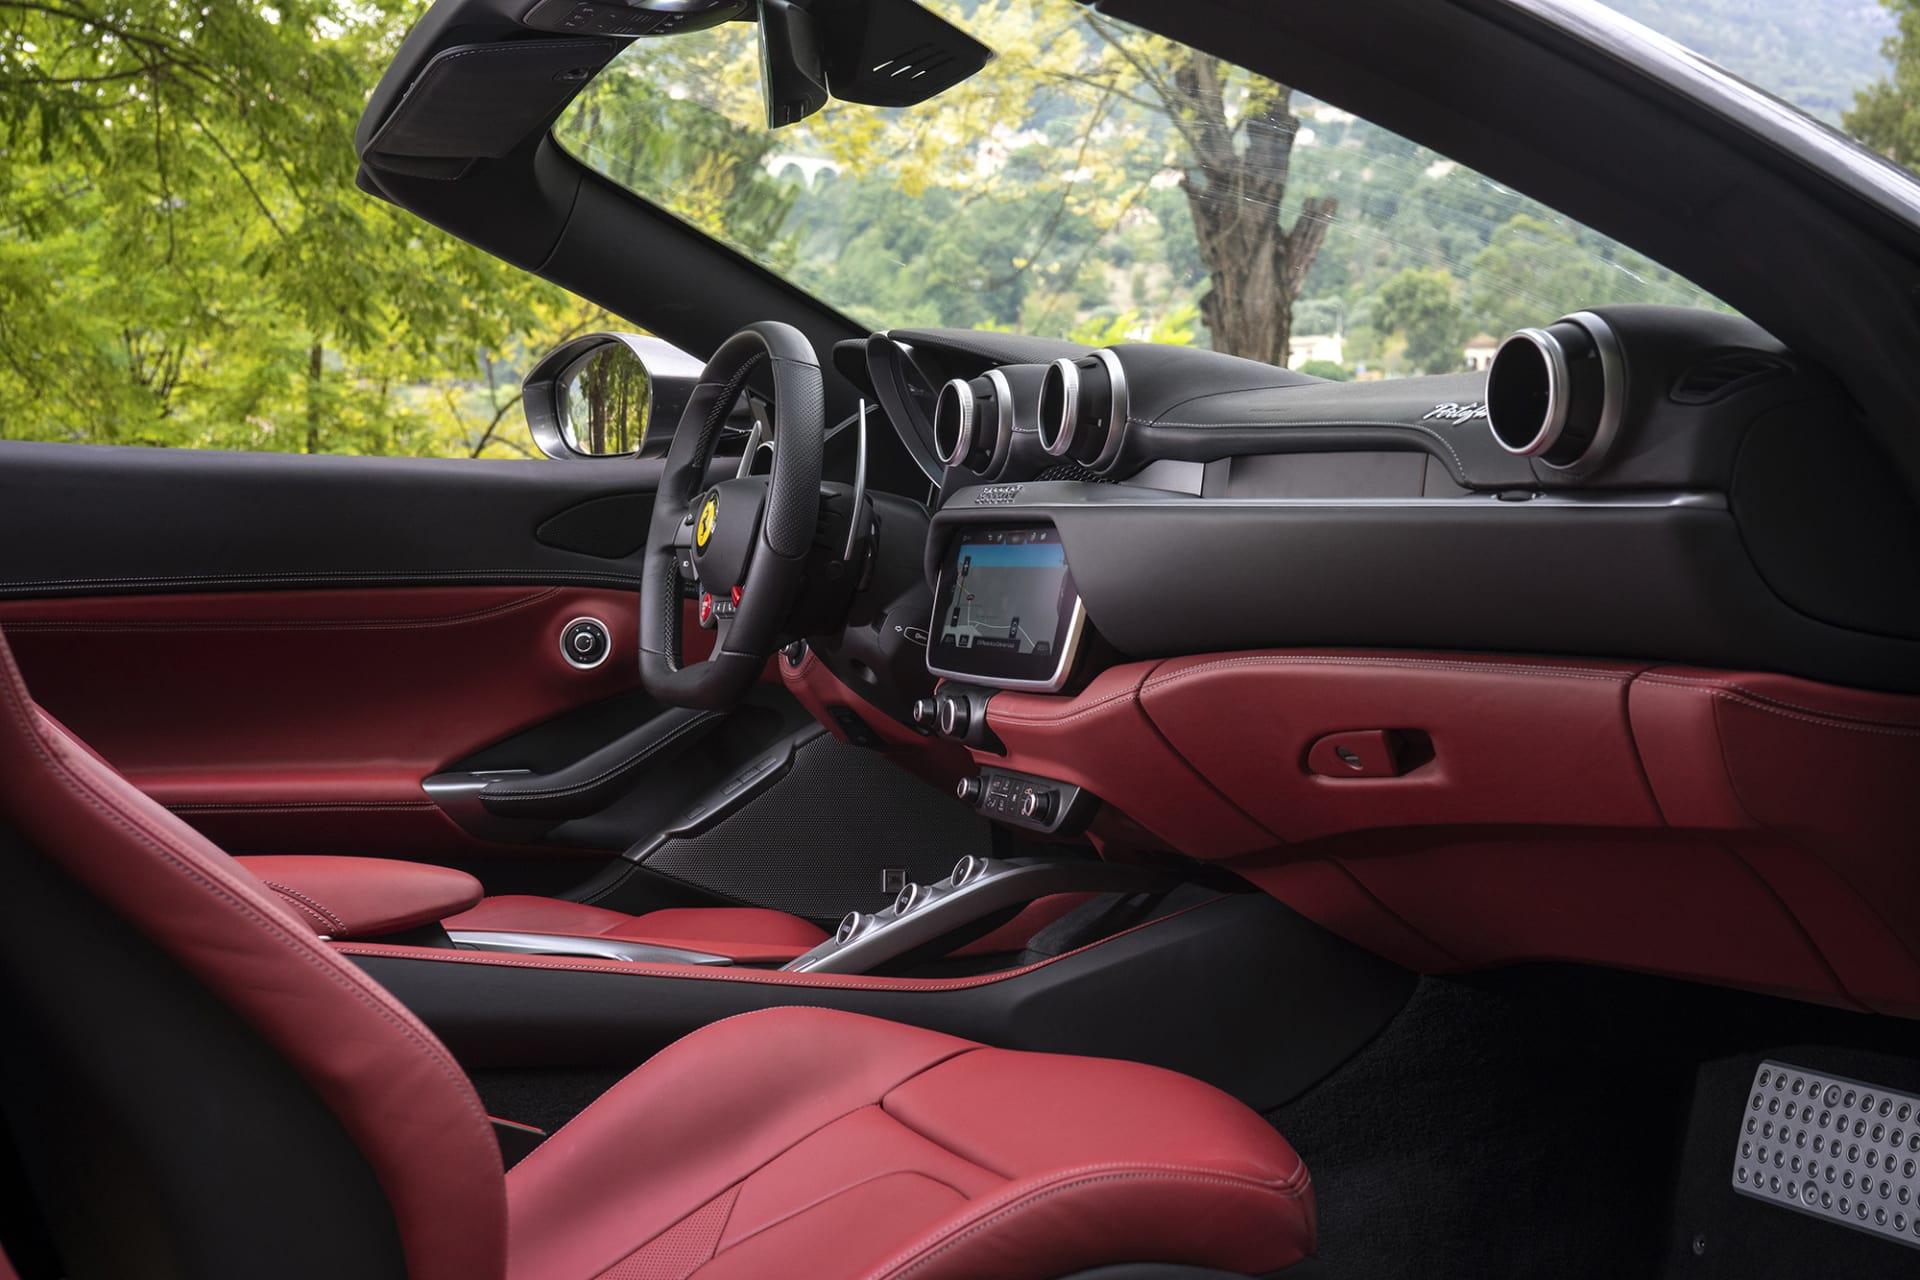 Läderarbetet i Ferrari bilar håller alltid en toppklass och så även i Portofinon. Kombinationen med rött och svart känns väldigt snyggt och klassiskt.